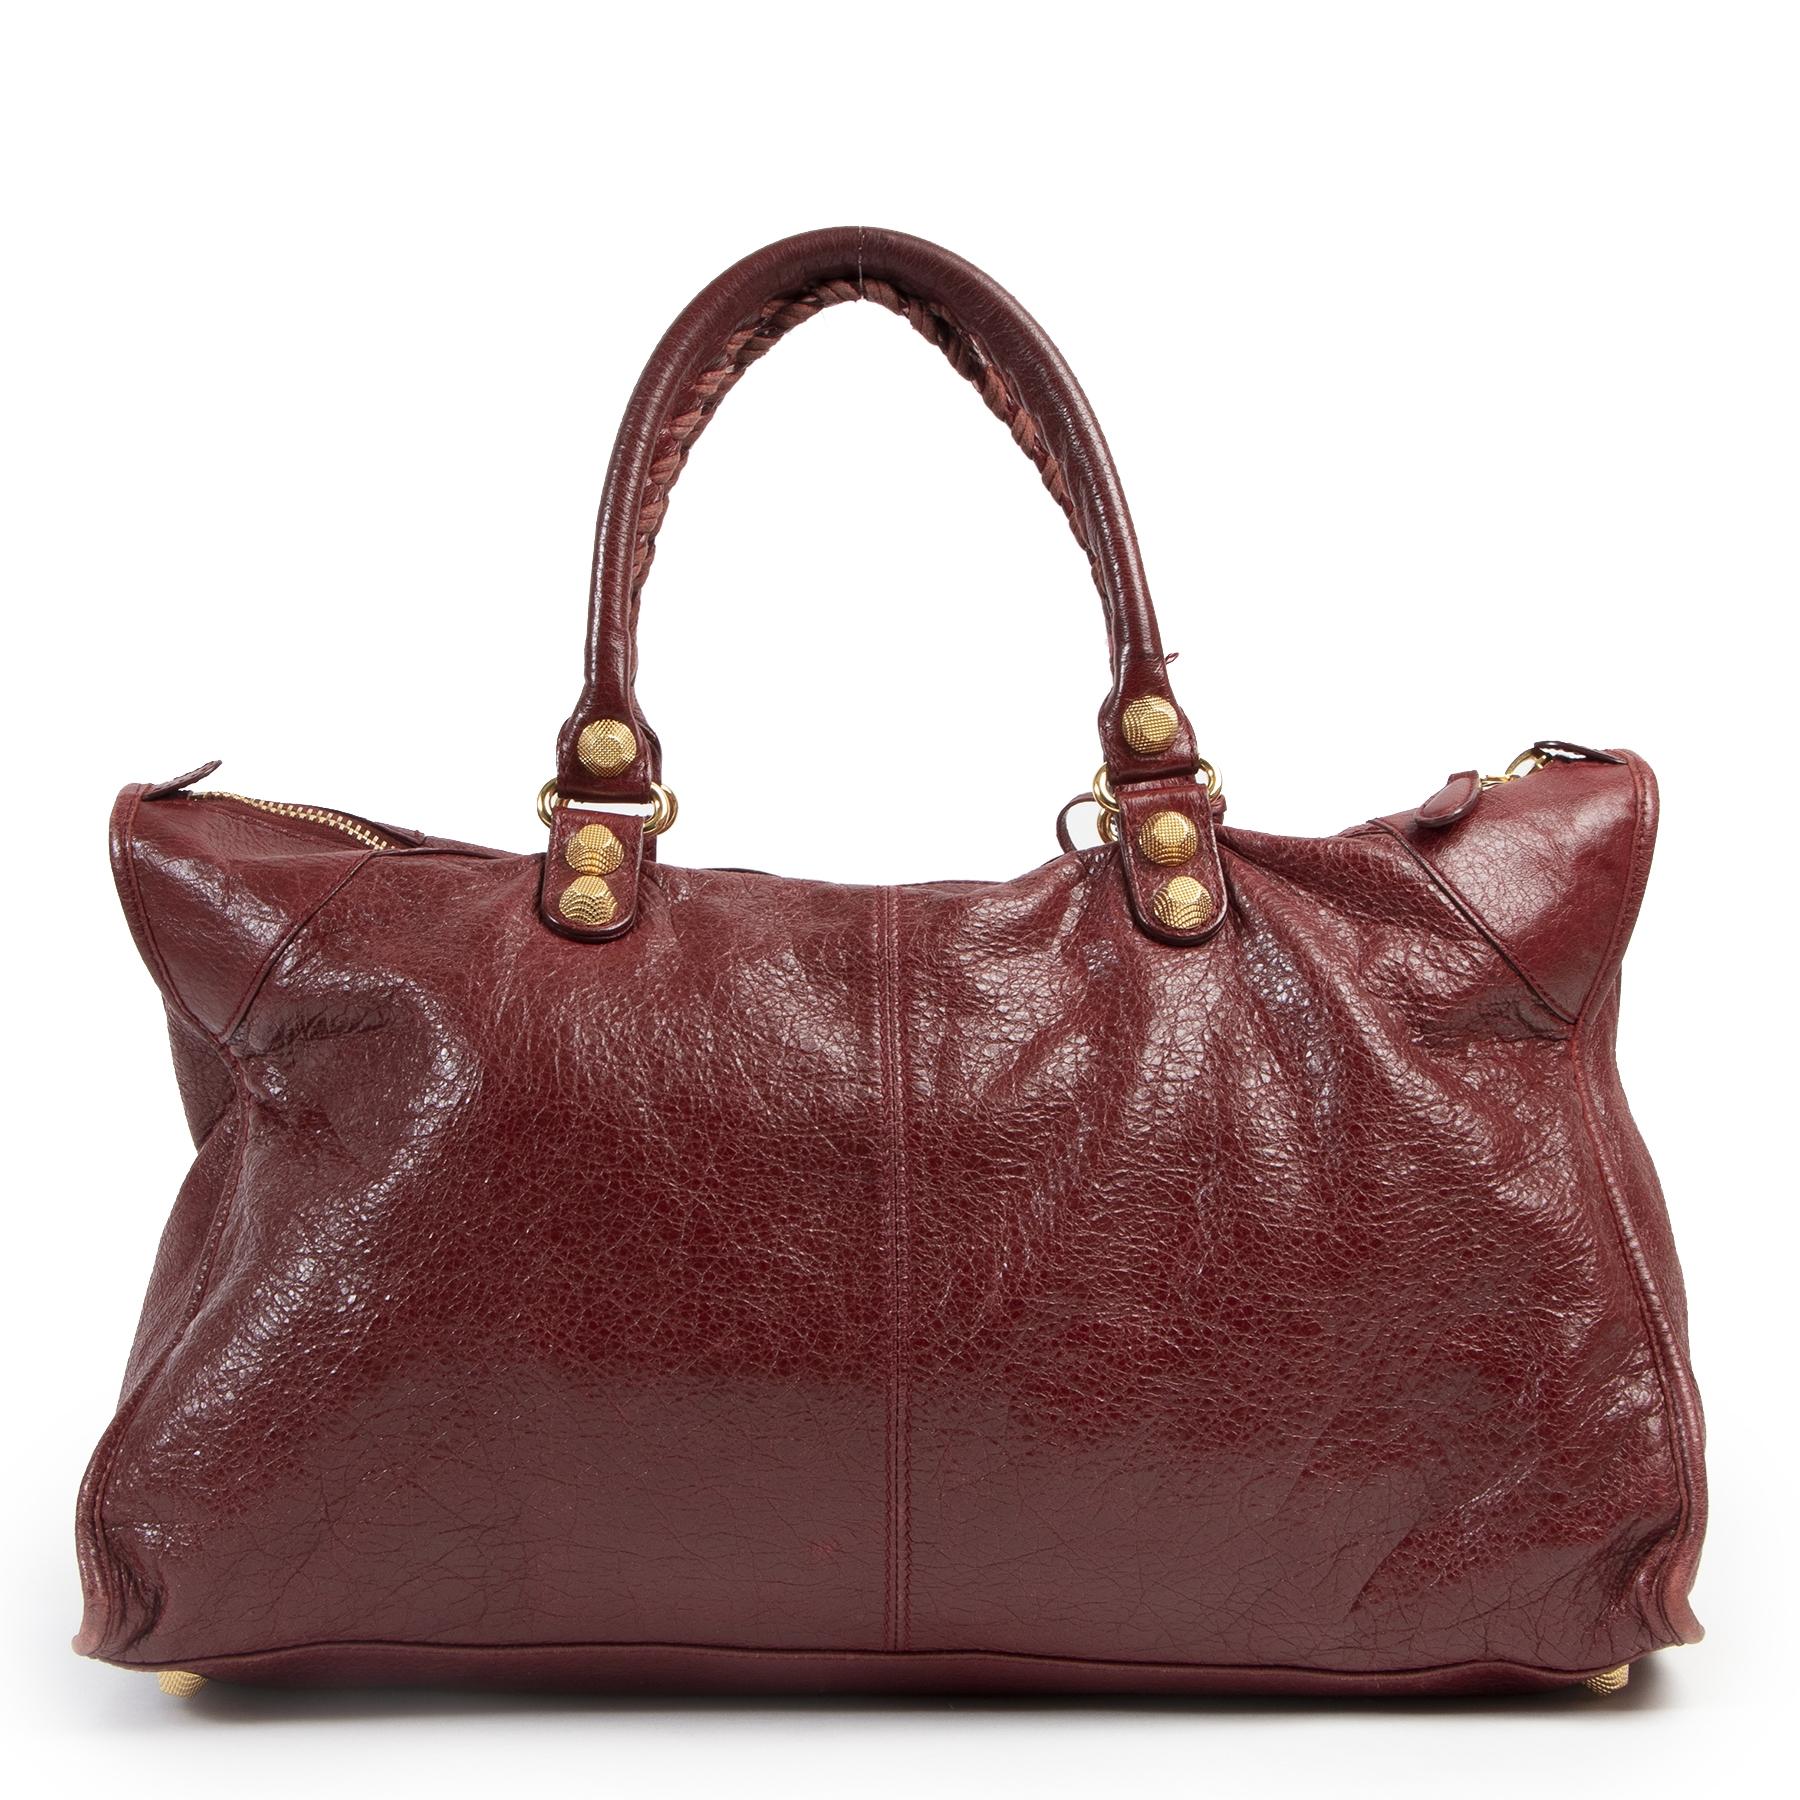 Authentieke Tweedehands Balenciaga Bordeaux Giant City Bag juiste prijs veilig online shoppen luxe merken webshop winkelen Antwerpen België mode fashion